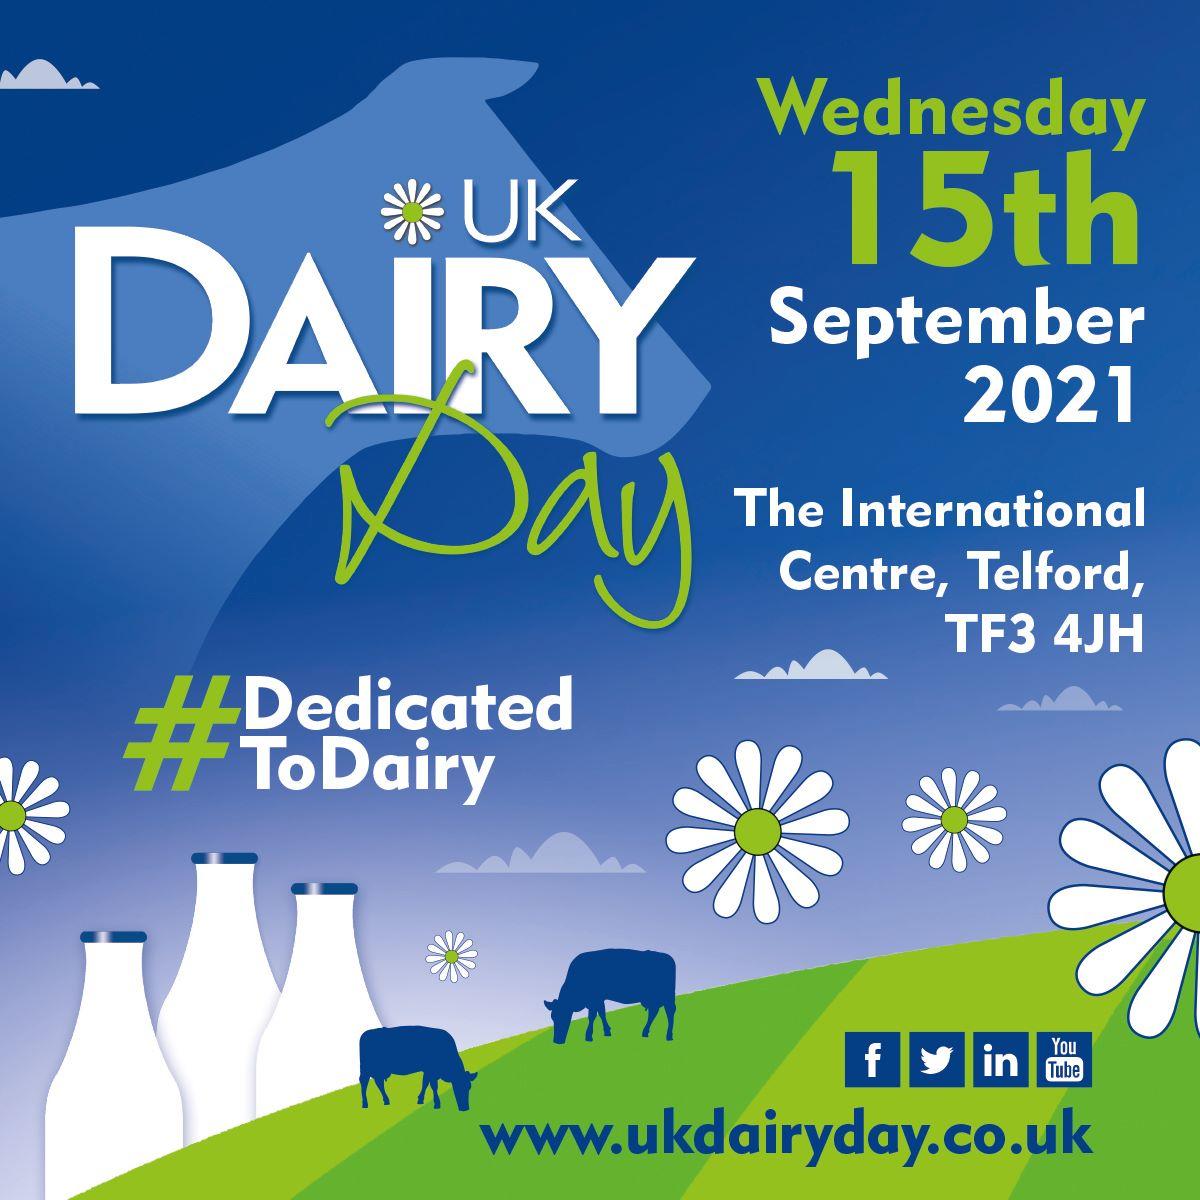 UK-Dairy-Day-2021.jpg